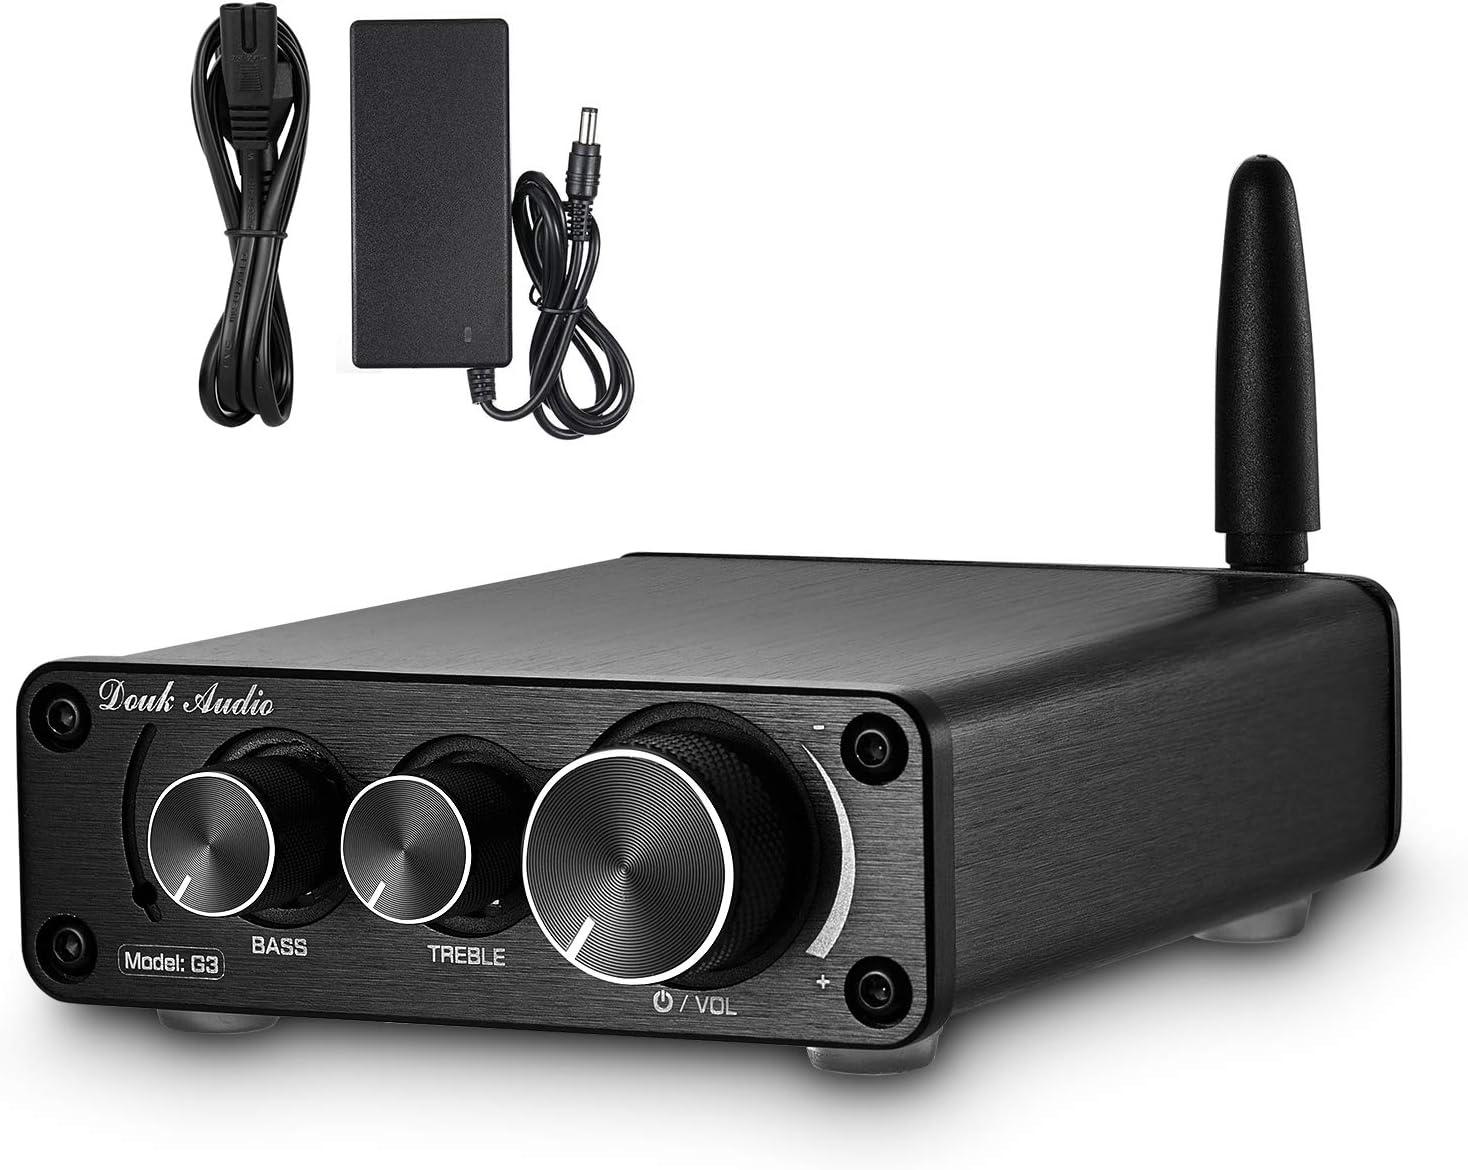 Nobsound G3 2 Canales Bluetooth 5.0 Amplificador de potencia 100W Clase D Hi-Fi Audio estéreo Mini Amp Receptor inalámbrico Home Theater Control de graves agudos (negro)